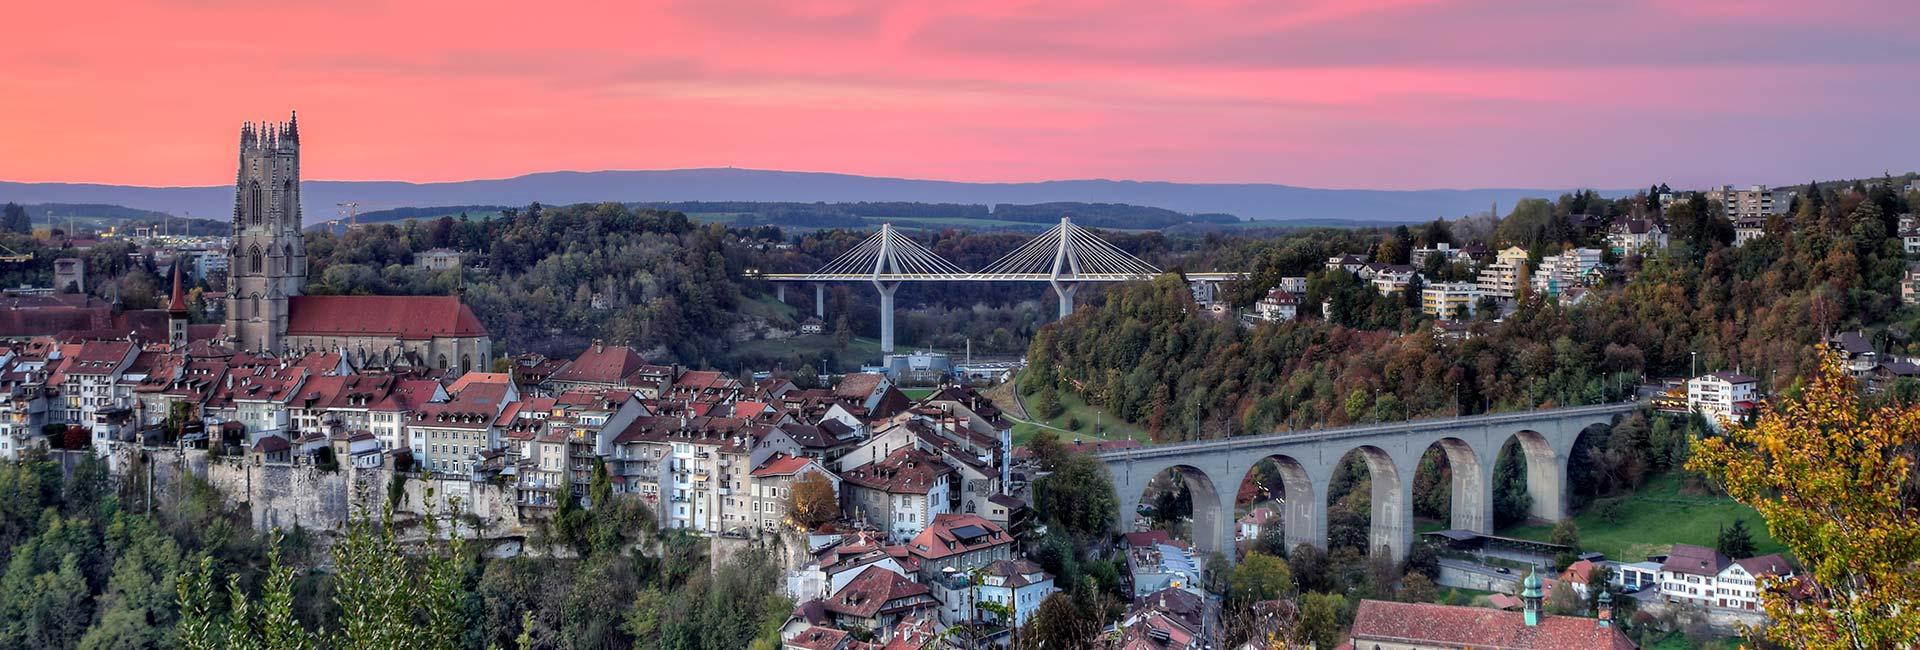 Umzug Fribourg | Fribourger Umzugsfirma | Kehrli + Oeler AG